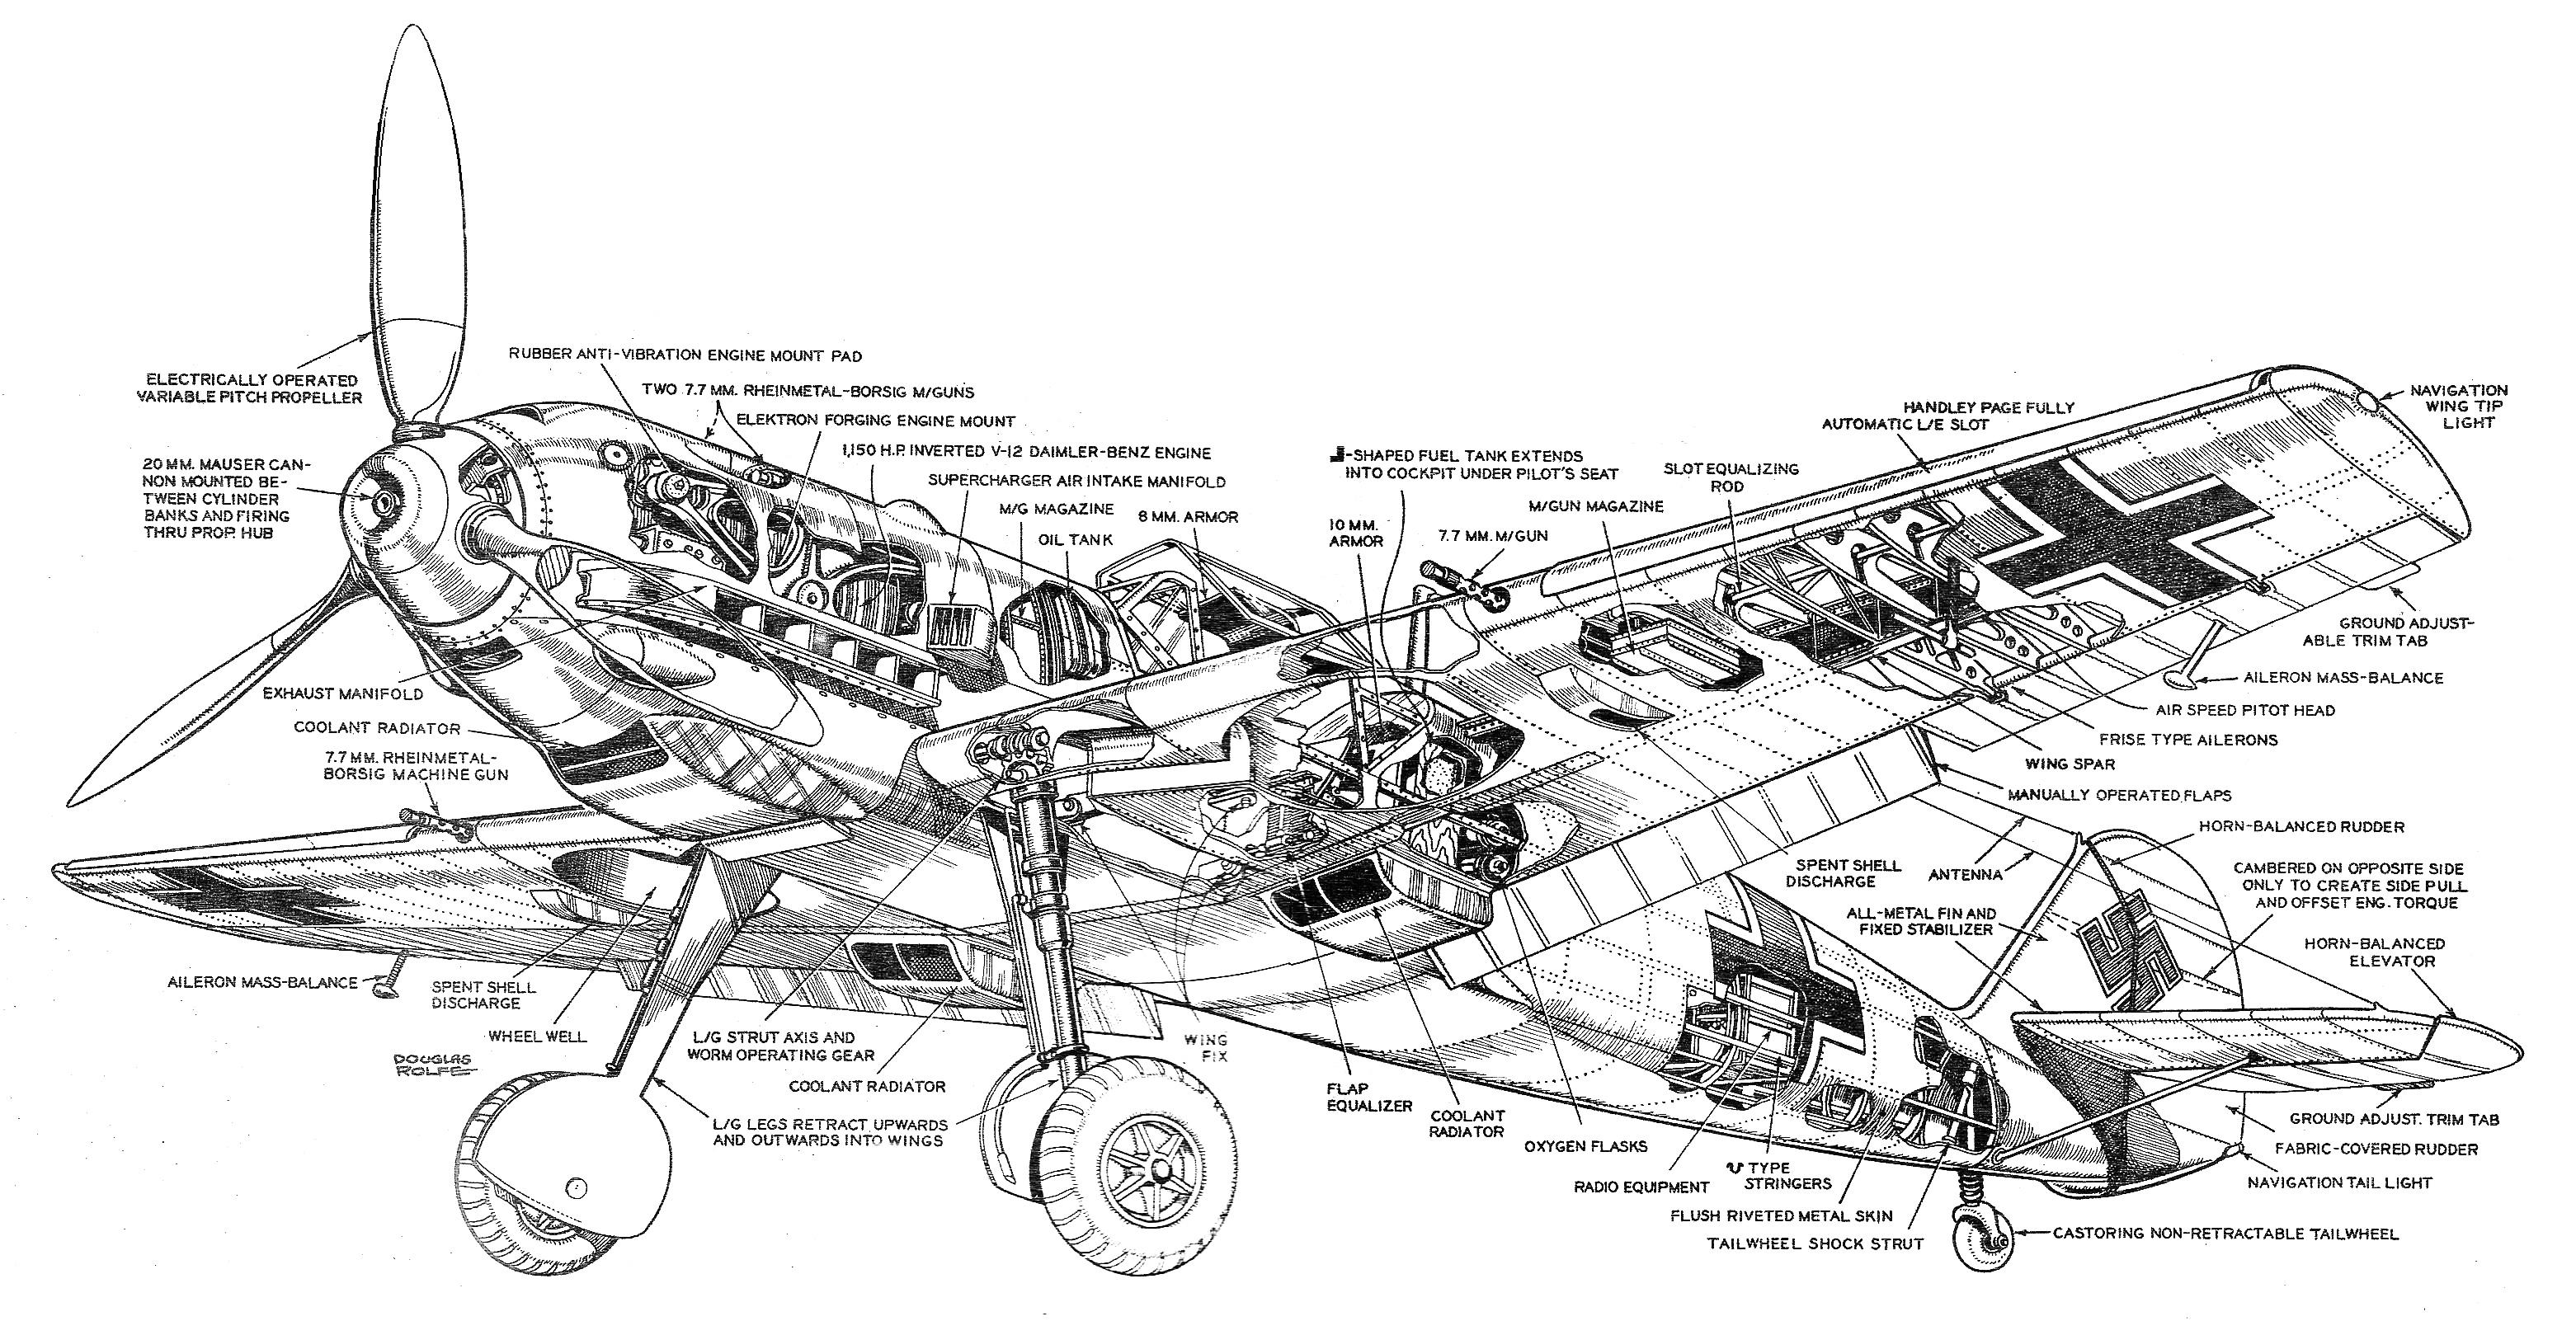 Messerschmitt Me 109 Ebook Aircraft Flight Manuals